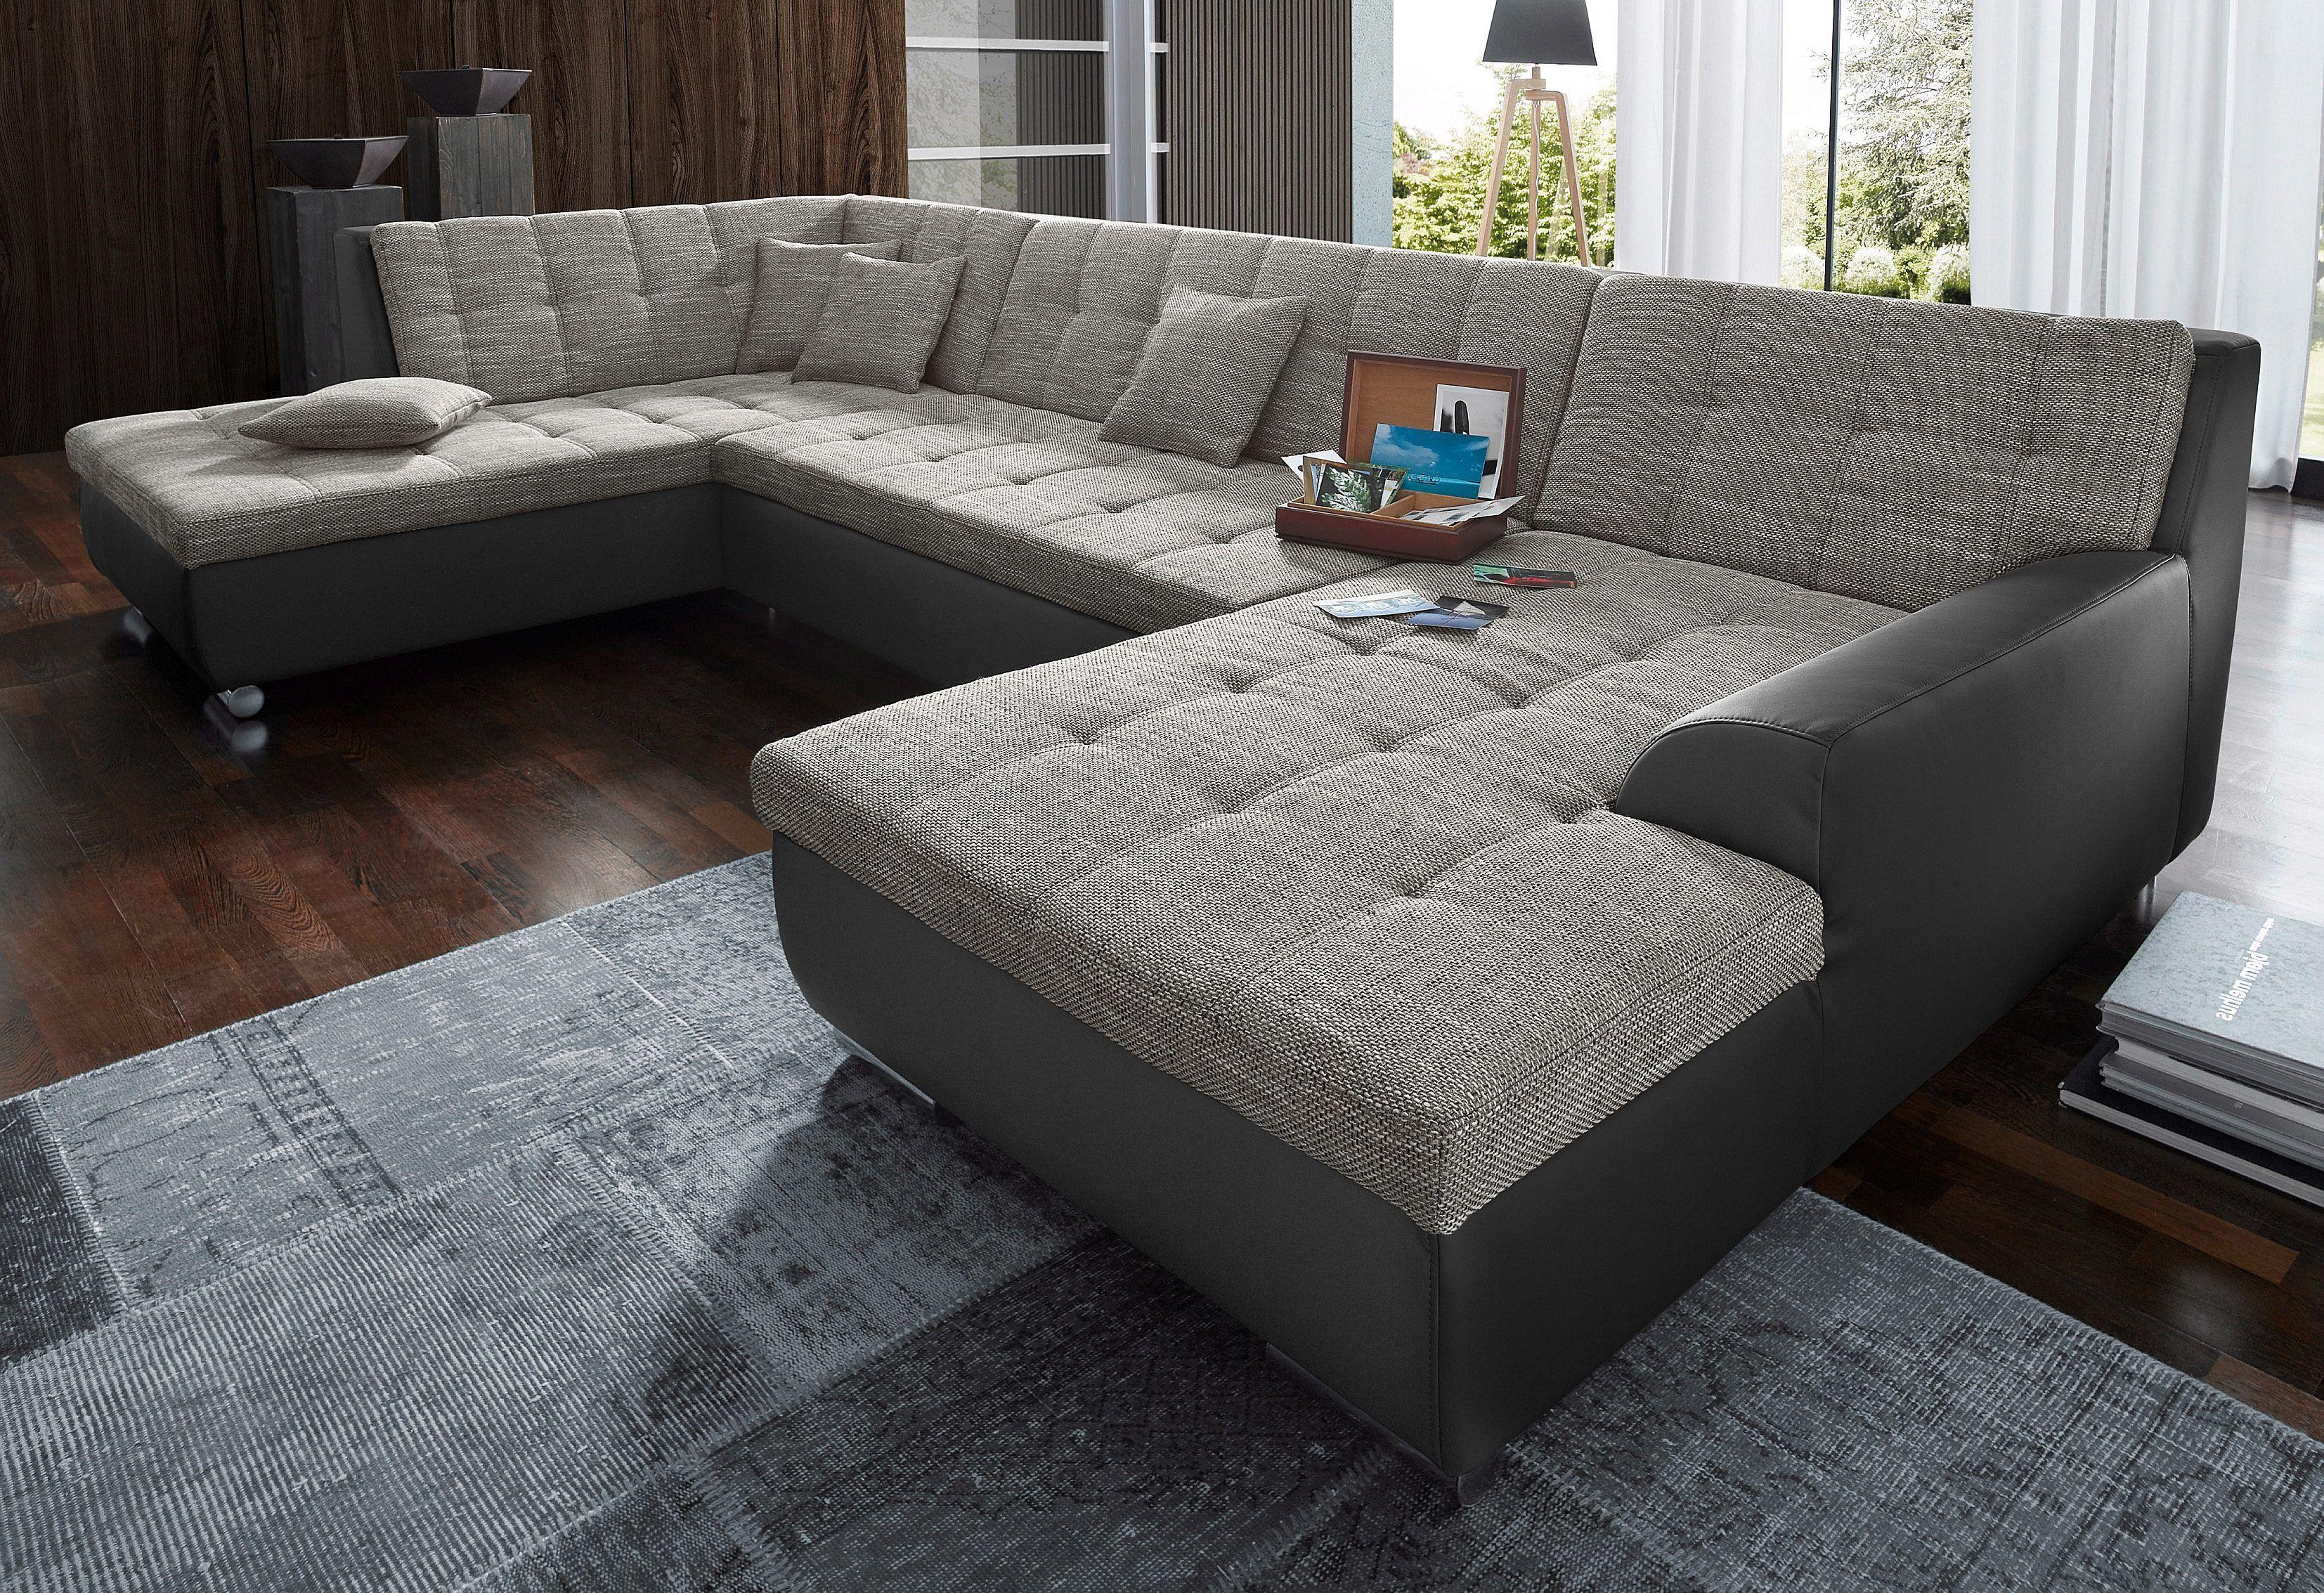 Fabelhaft Sofa Mit Recamiere Galerie Von Xxl-wohnlandschaft Schwarz, Rechts, Bettfunktion, Fsc®-zertifiziert, Yourhome Jetzt